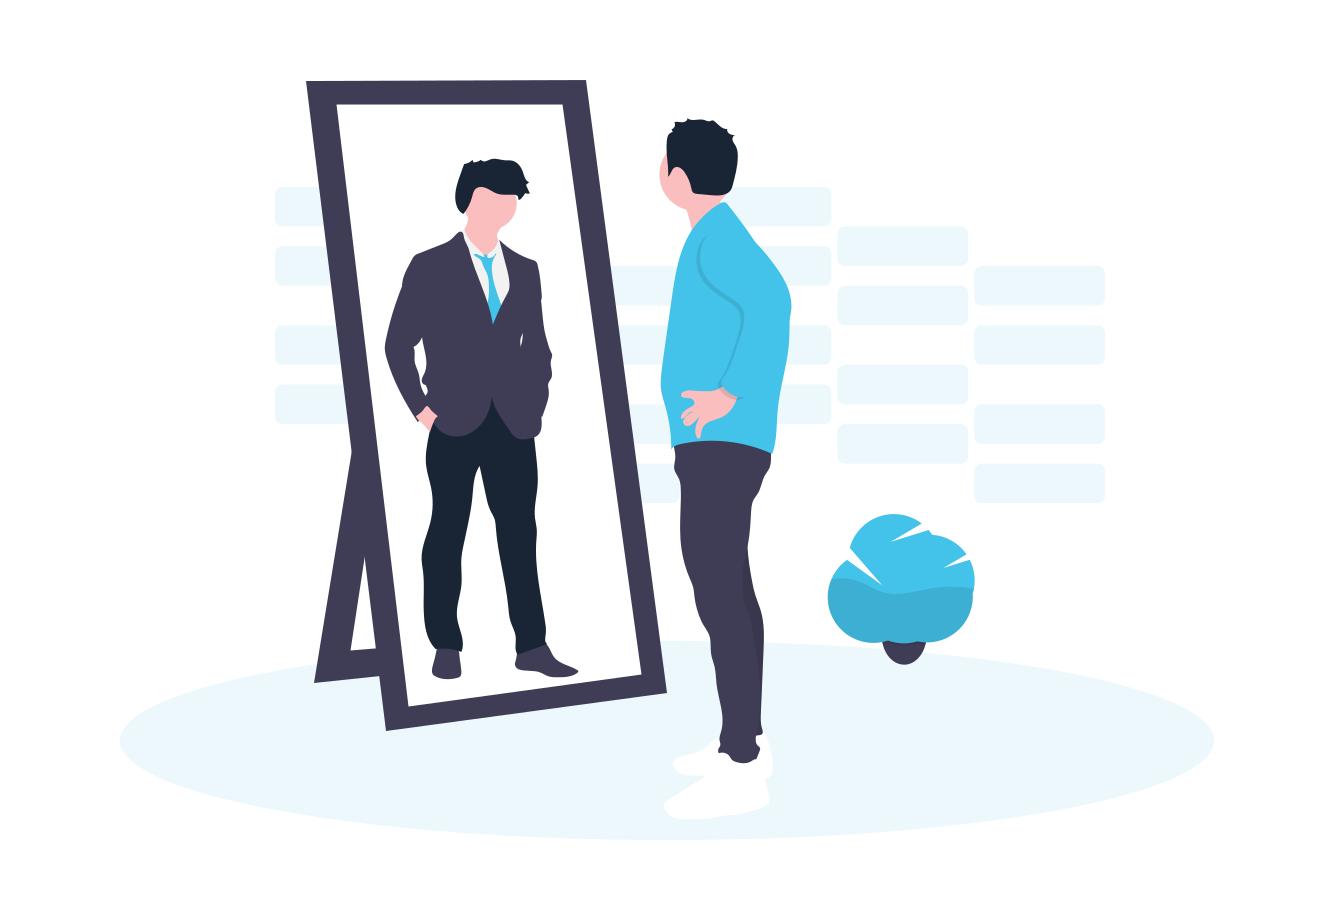 zelf_beoordeling_actueel_vermogen